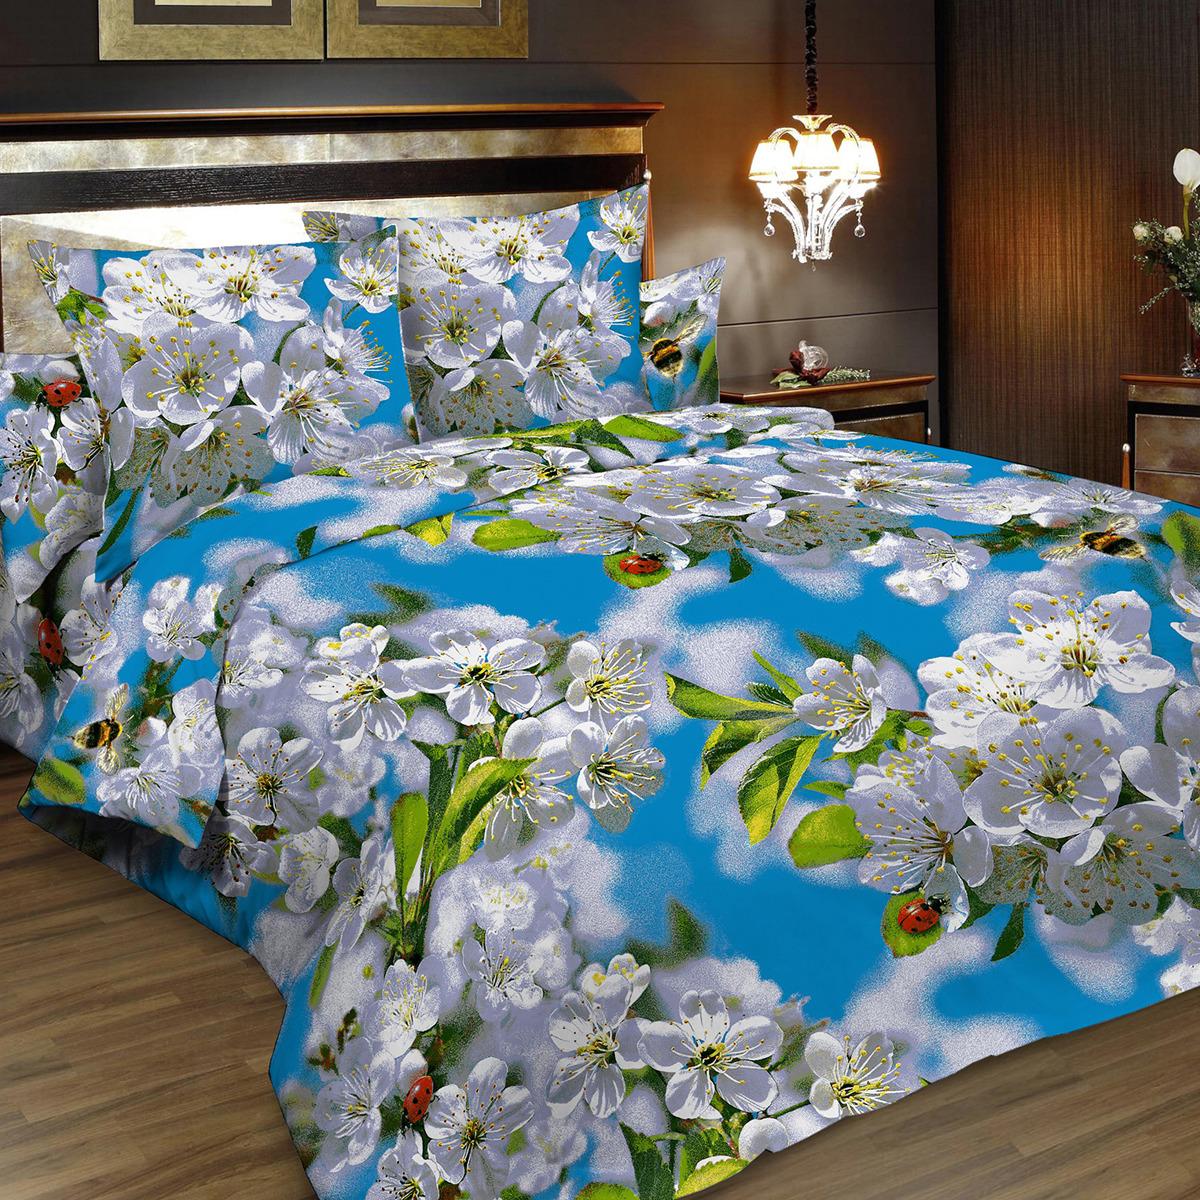 Комплект постельного белья Letto, 1,5-спальный, наволочки 70х70. B157-3